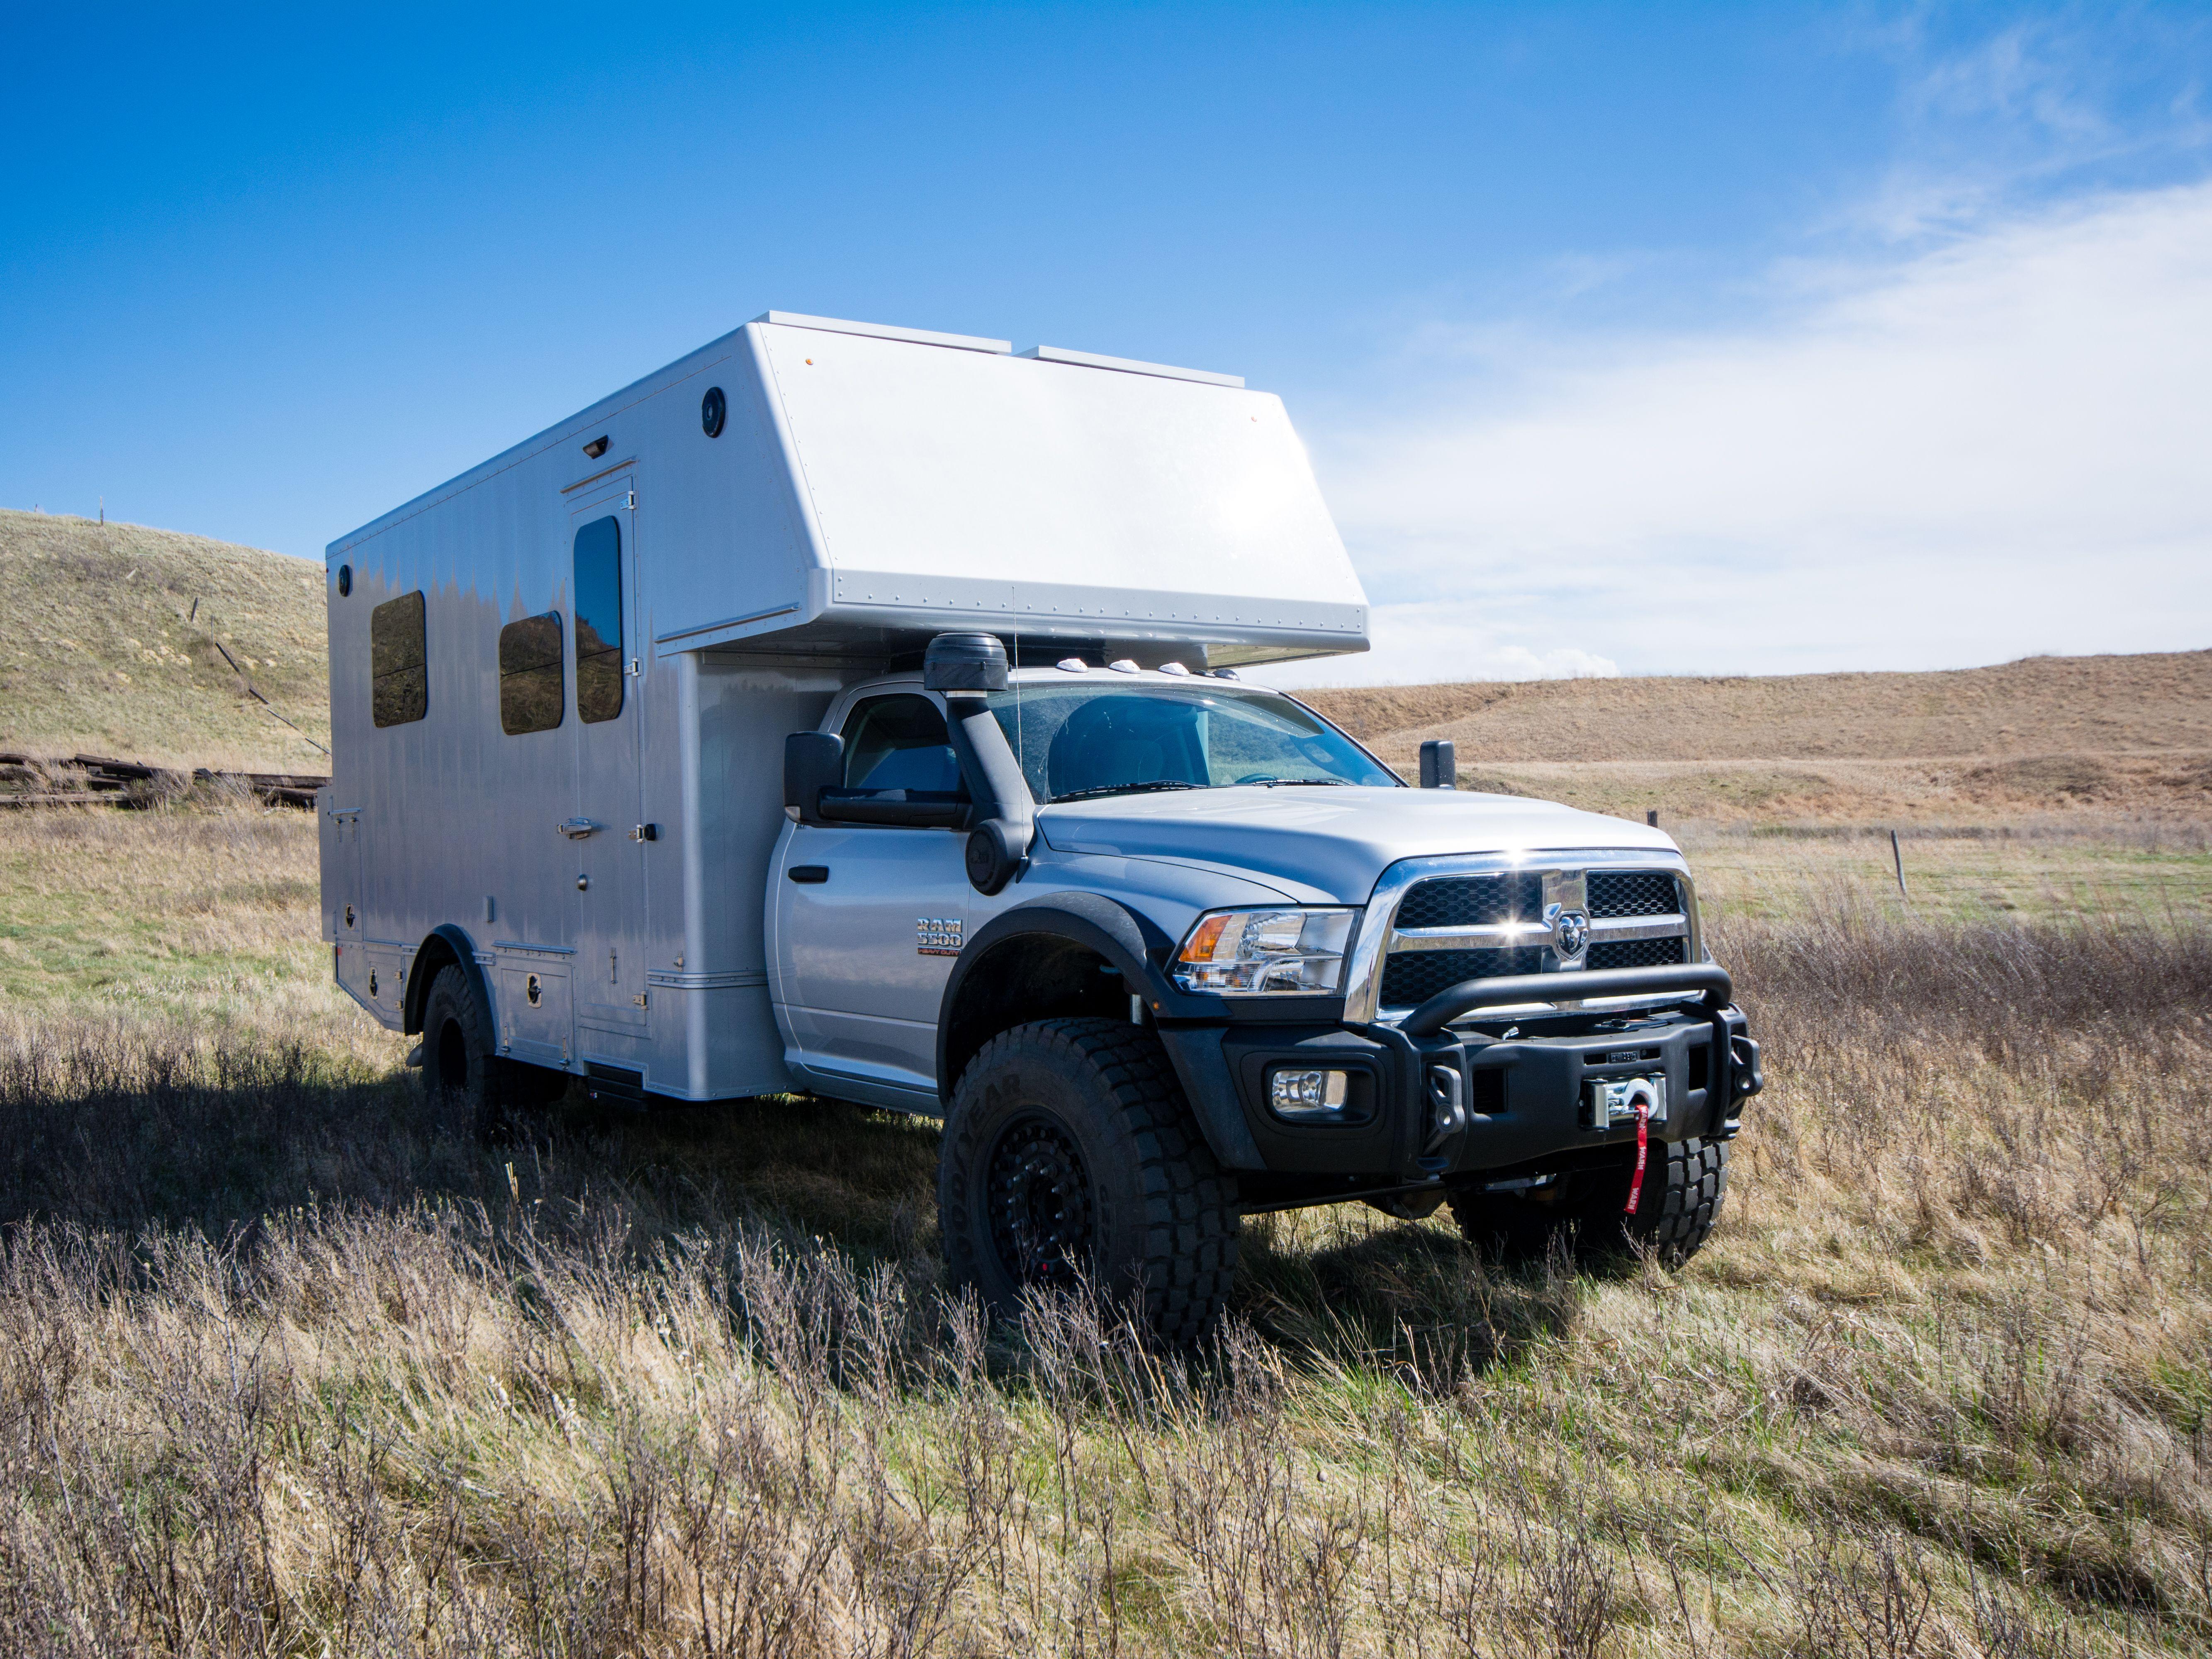 Http Forum Expeditionportal Com Threads 143852 Dodge Ram 5500